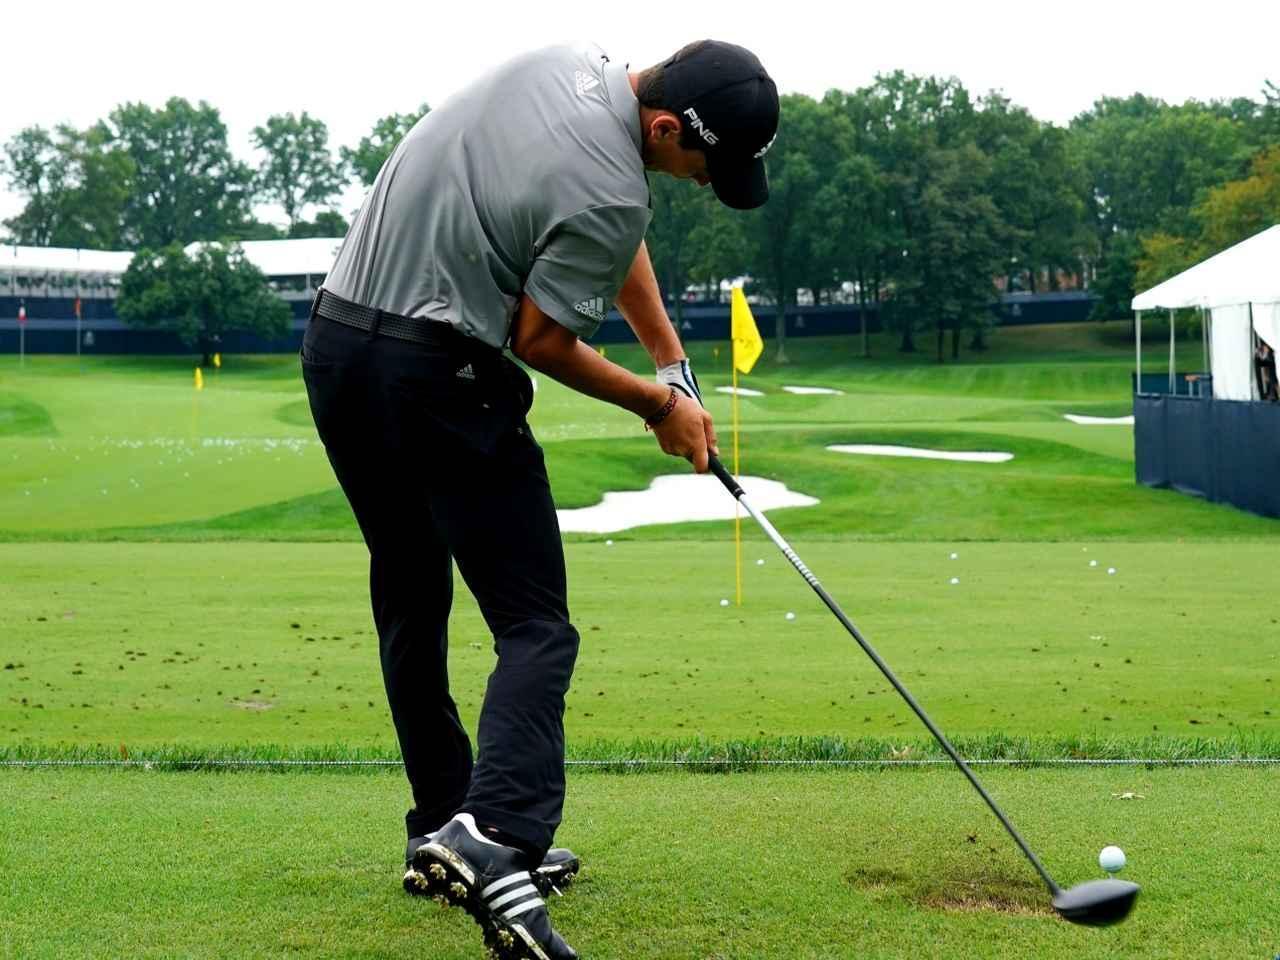 """画像: 【飛ばし】クラブの進化が生んだ最先端理論「サイドベンド打法」。スウィングに""""タテ""""の動きを加えよう! - ゴルフへ行こうWEB by ゴルフダイジェスト"""